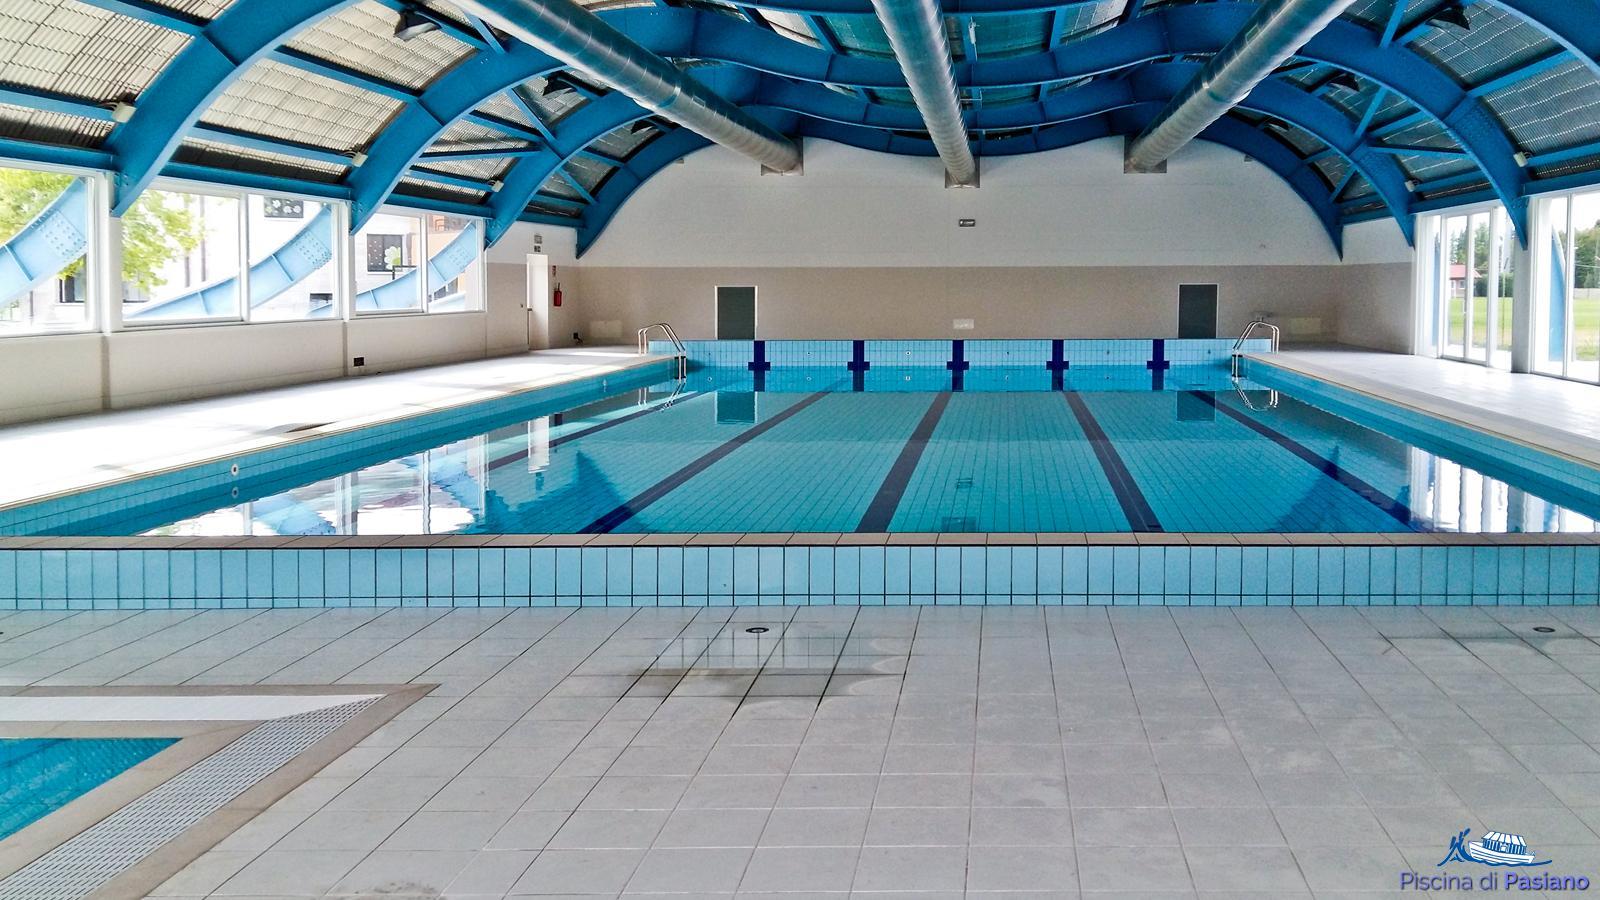 Iniziano le attivit piscina di pasiano - Piscina comunale livorno corsi acquagym ...